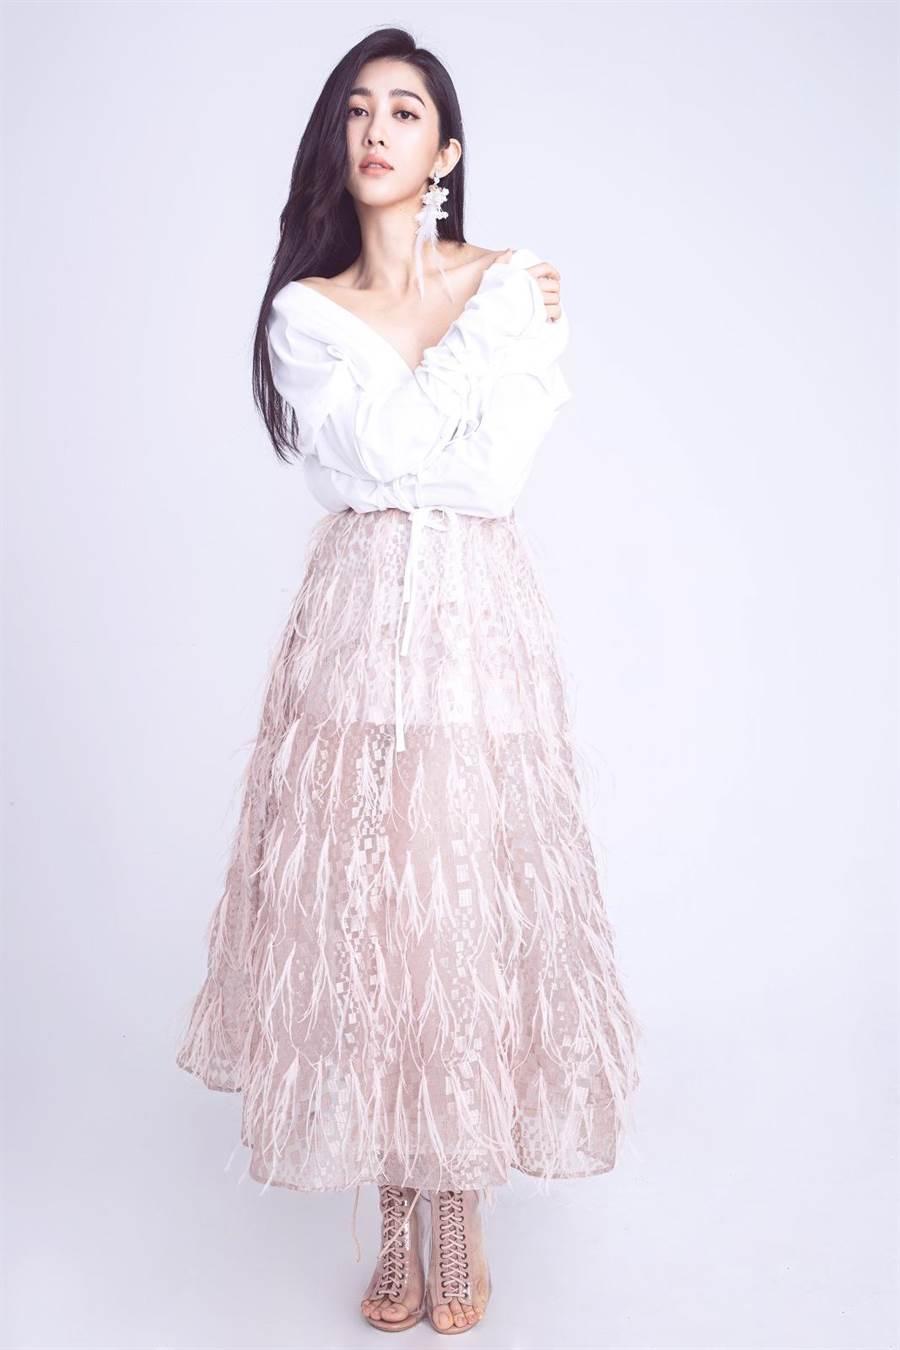 王晴一直以來最想成為歌手,沒想到卻先在戲劇上嶄露頭角。(愛秀演藝提供)